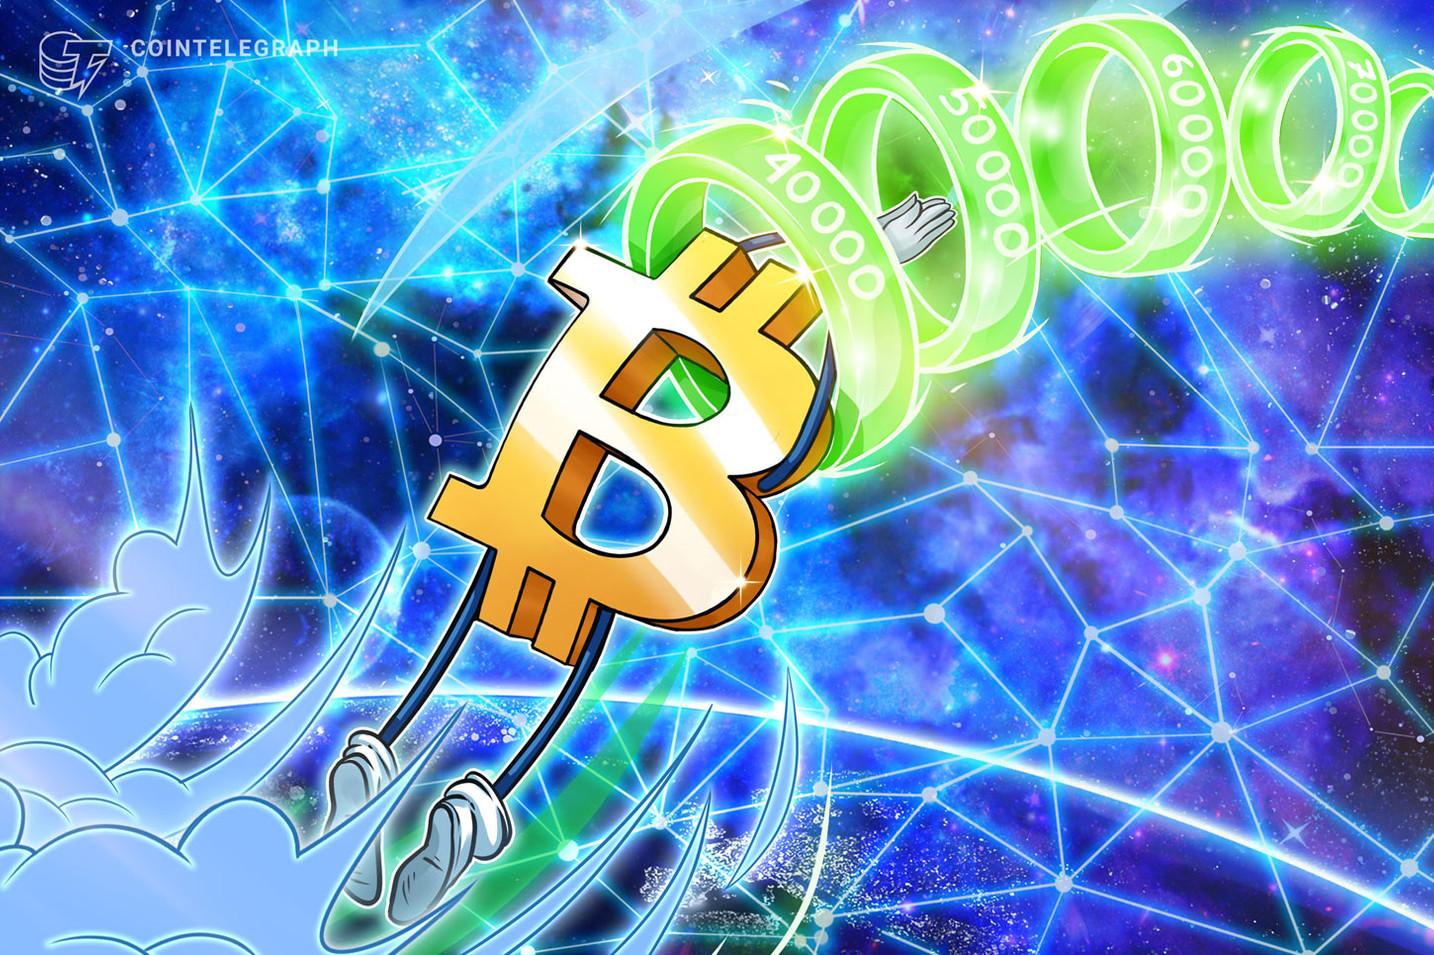 Continua la corsa di Bitcoin verso i 50.000$, sostenuto da un forte interesse istituzionale